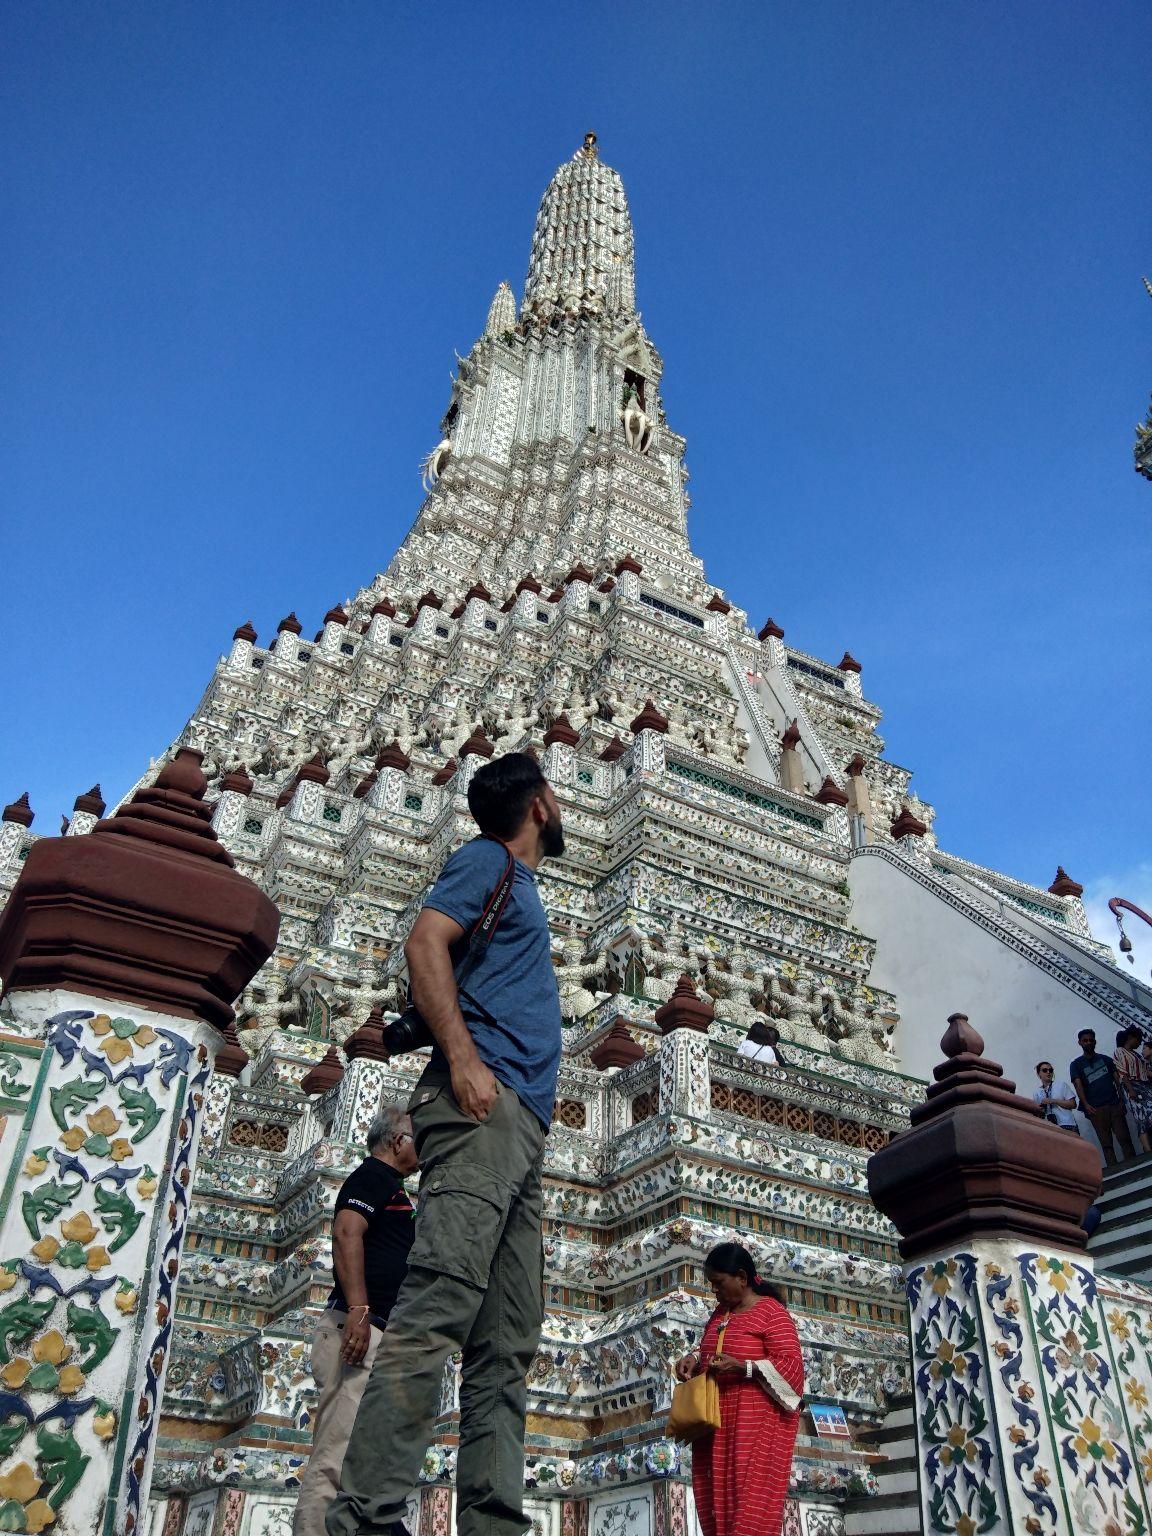 Photo of Wat Arun By Kailash chand bairwa